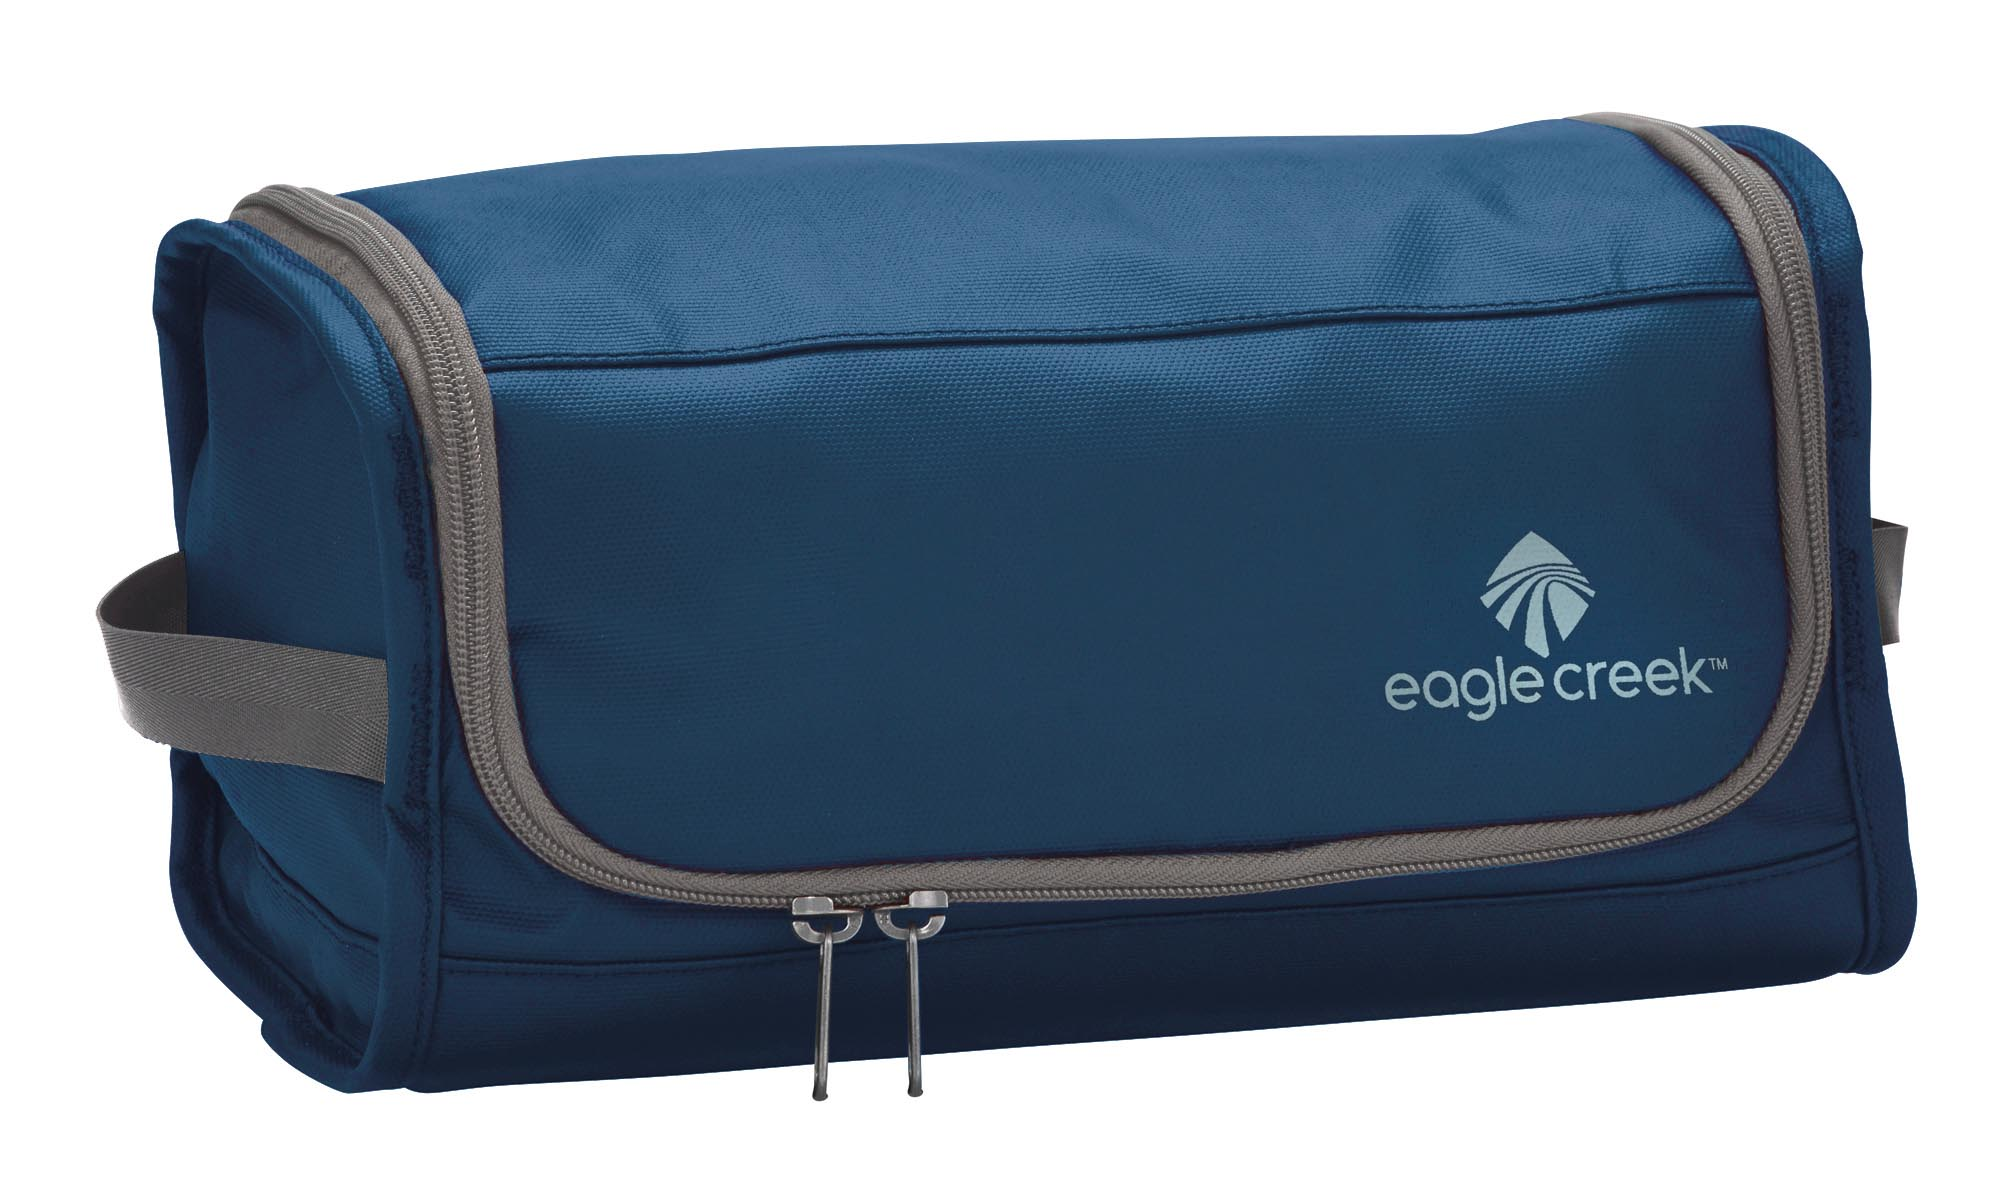 EagleCreek - Pack-It Bi-Tech Trip Kit Slate Blue - Sponge Bags -